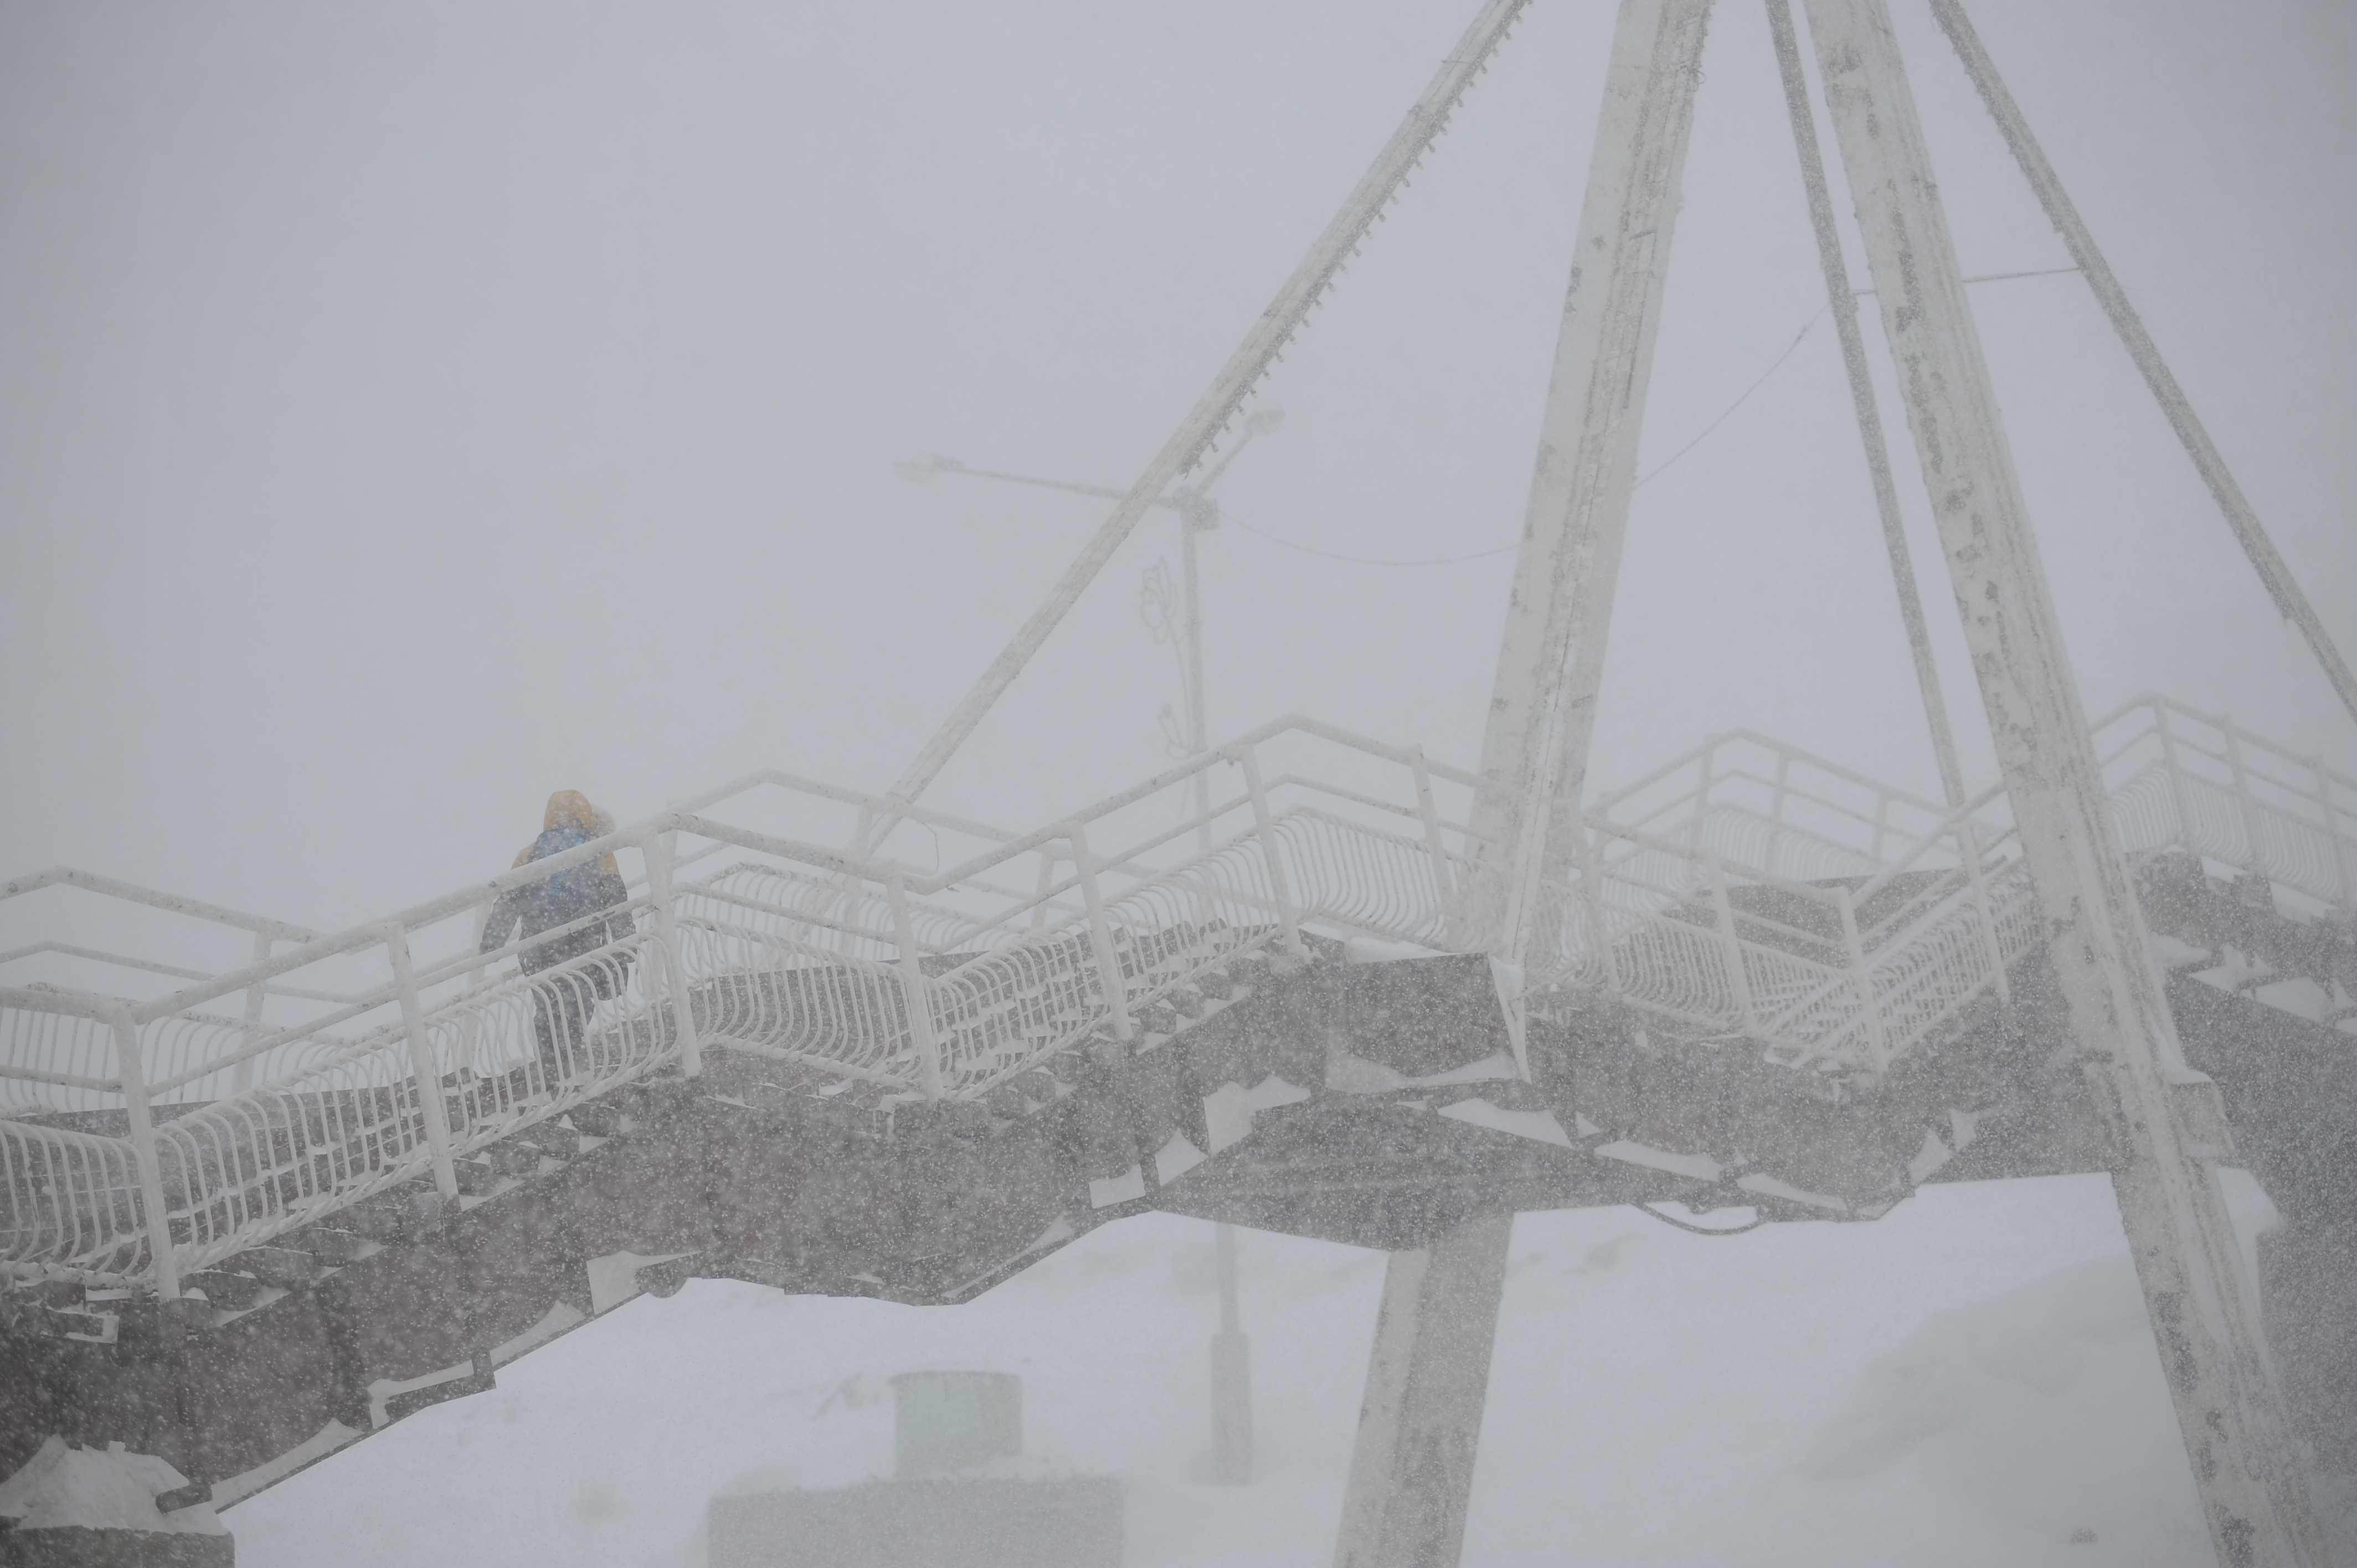 Штормовое предупреждение действует в Норильске